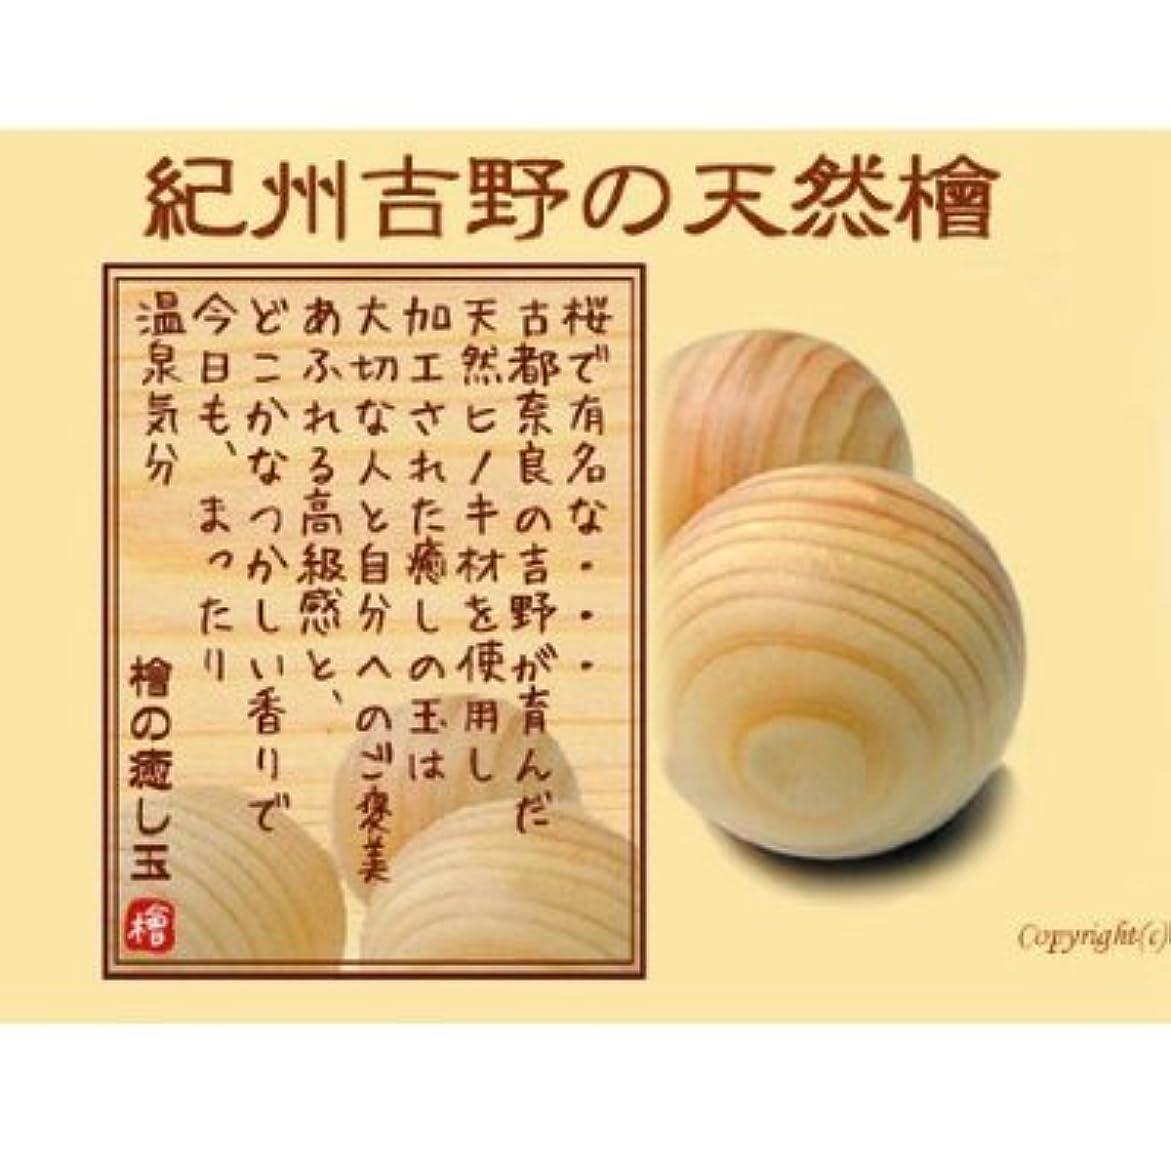 グループ変成器一般化する古都奈良の吉野が育んだ天然ヒノキ【檜の癒し玉10袋】入浴剤